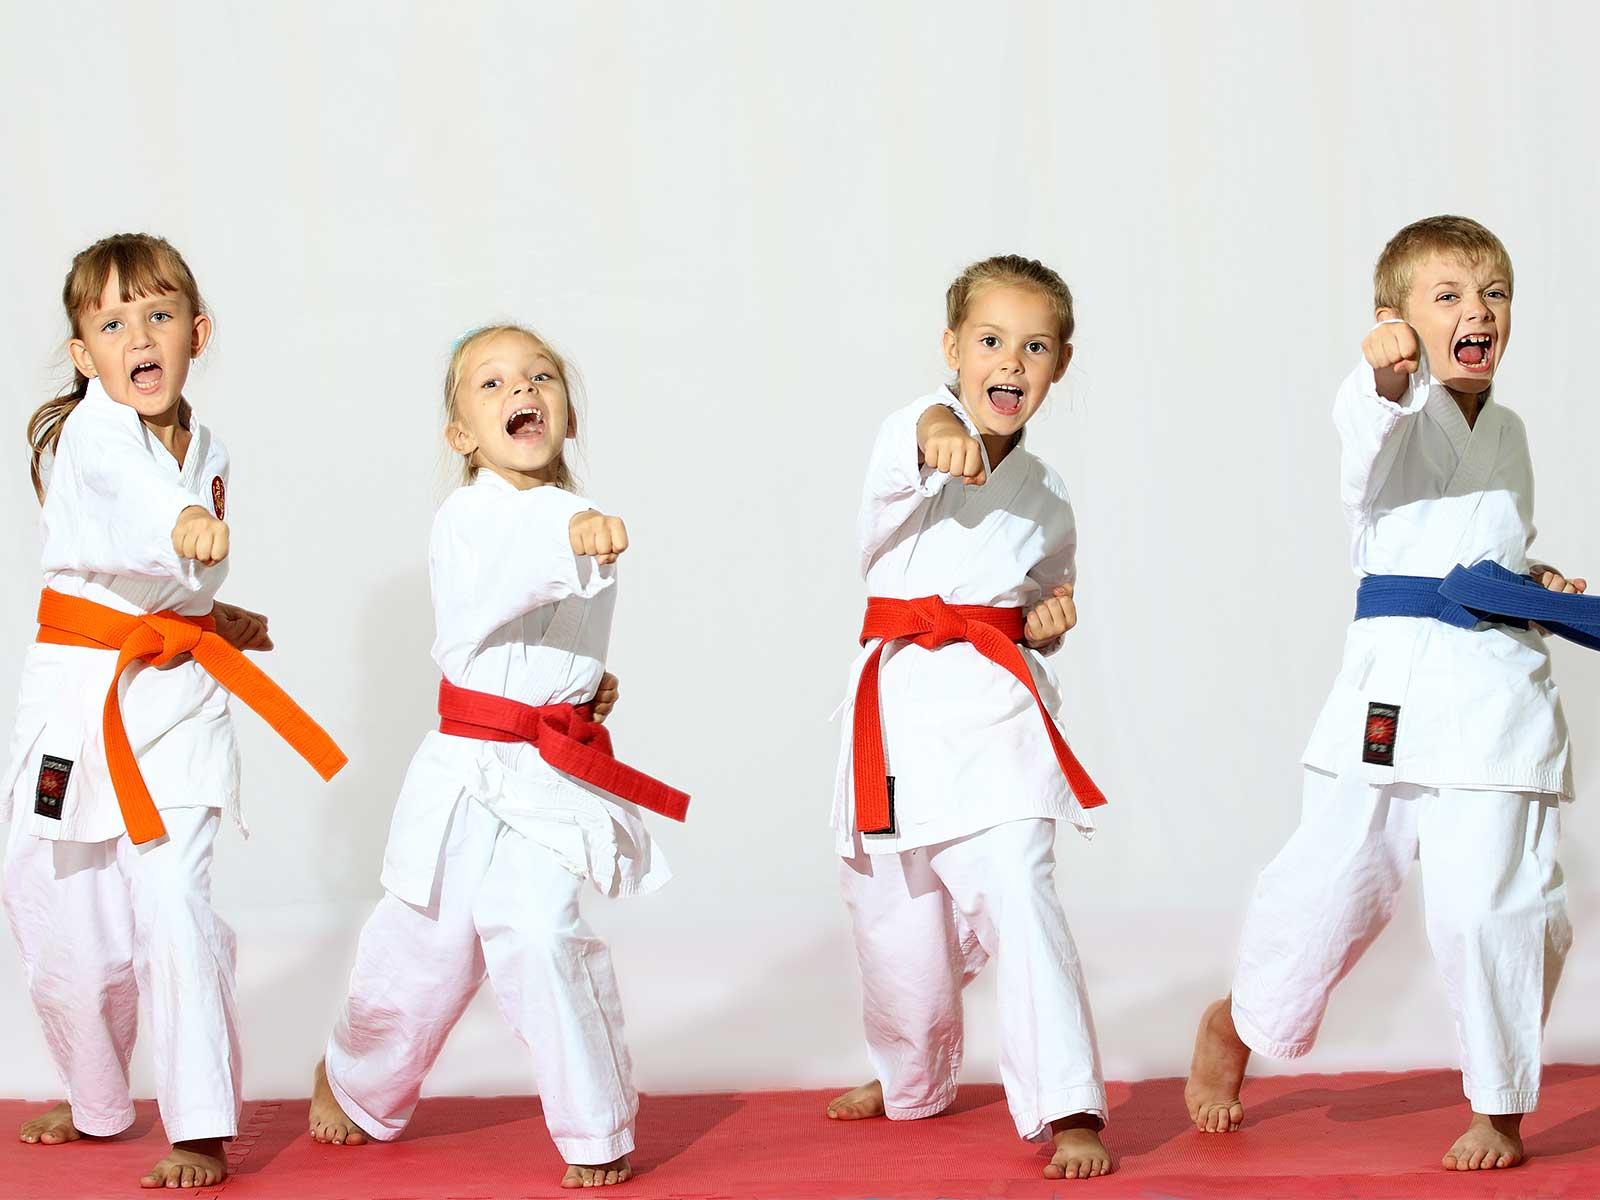 Combat Workout - An inspiration from Martial Art